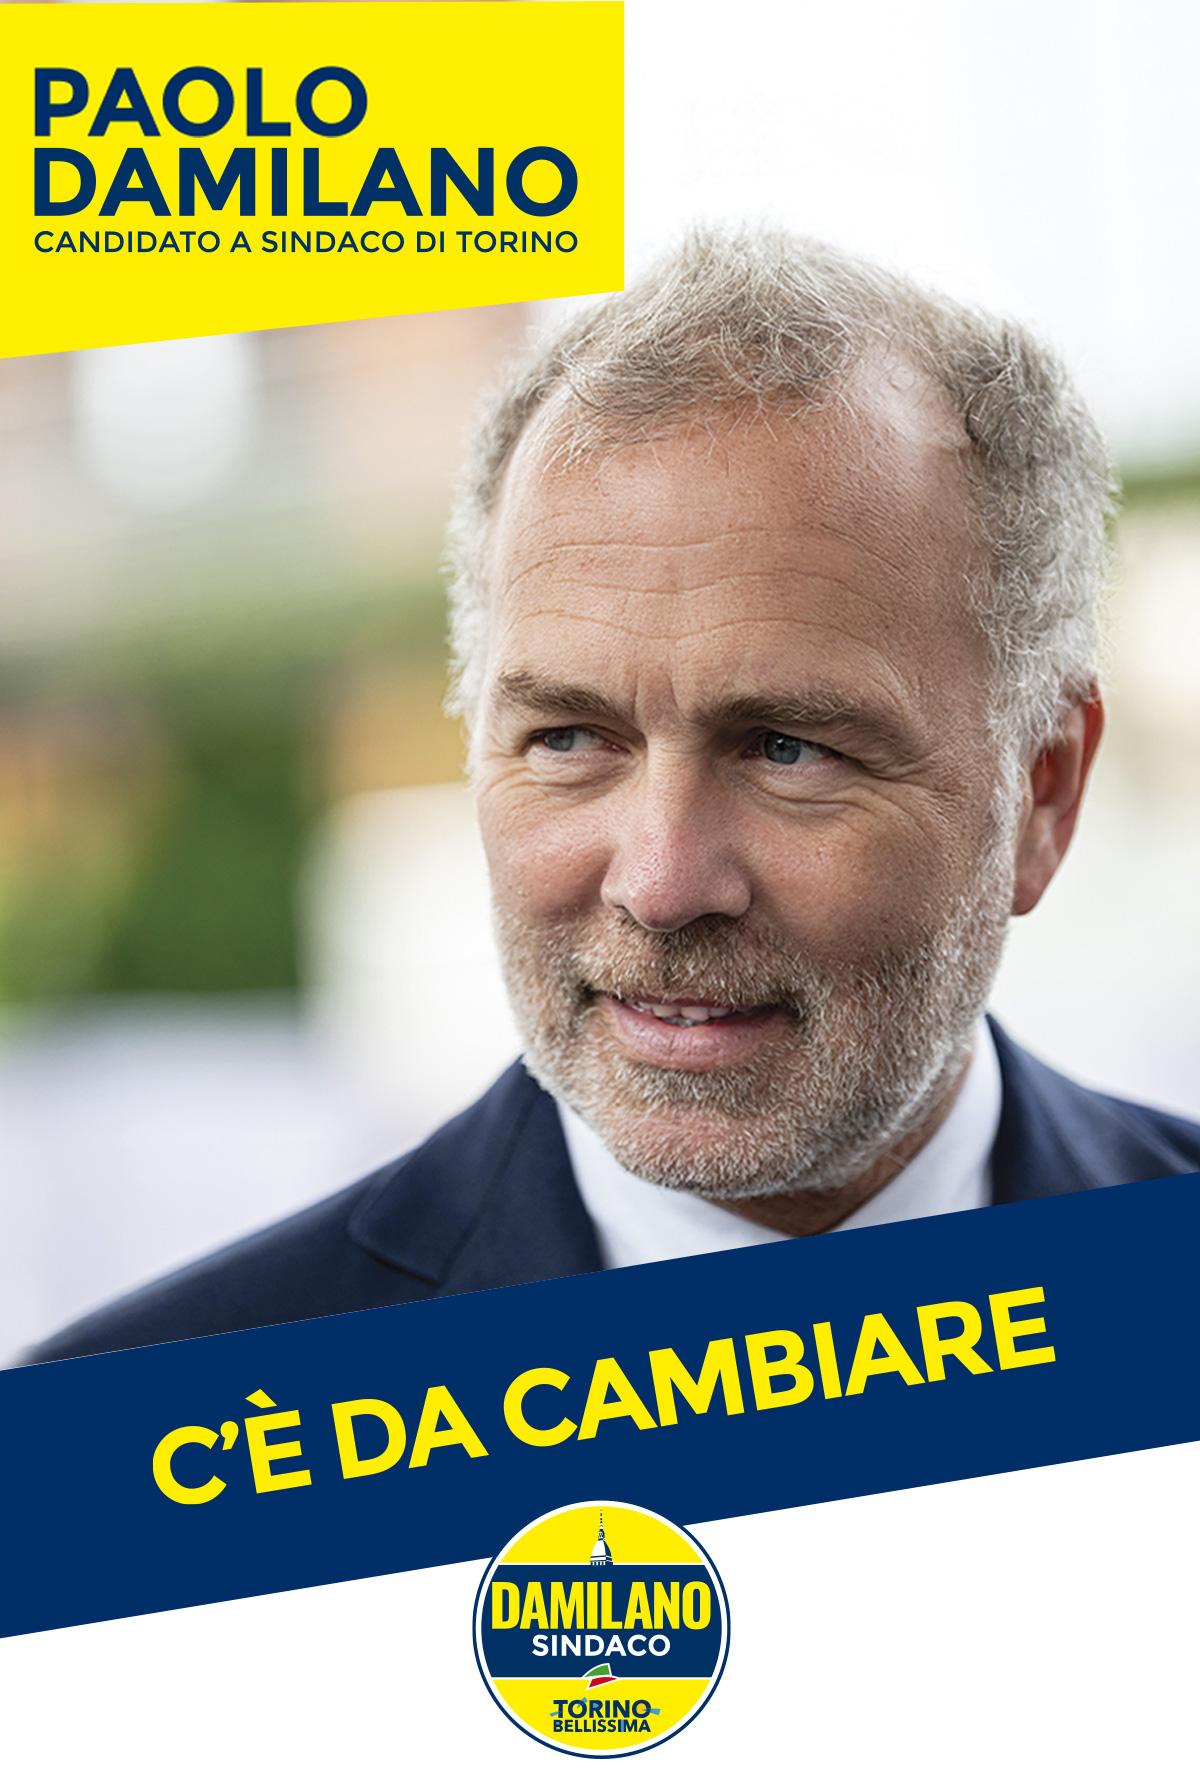 Paolo Damilano Sindaco Torino 2021